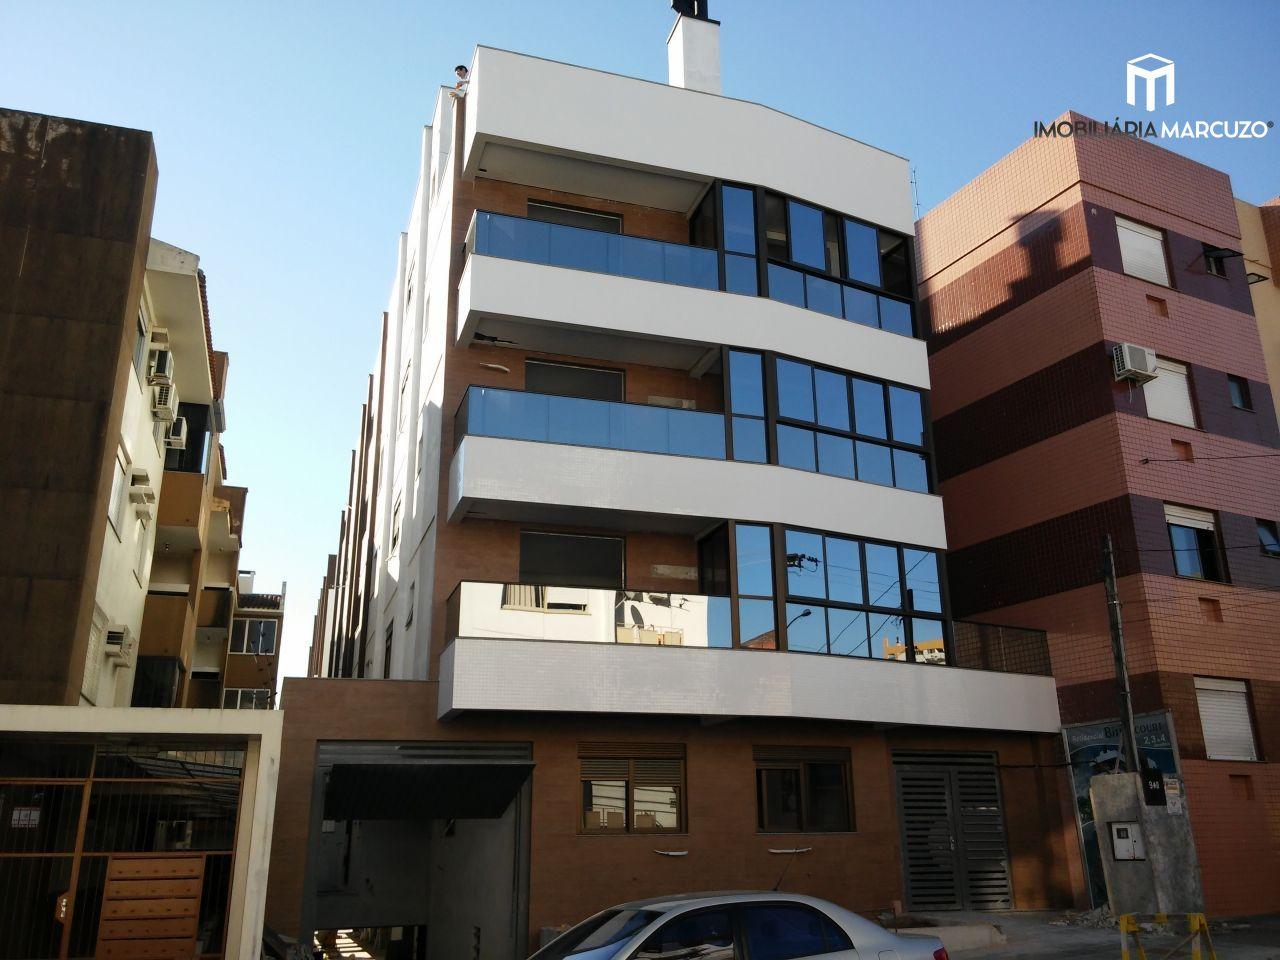 Apartamento com 2 Dormitórios à venda, 119 m² por R$ 440.000,00